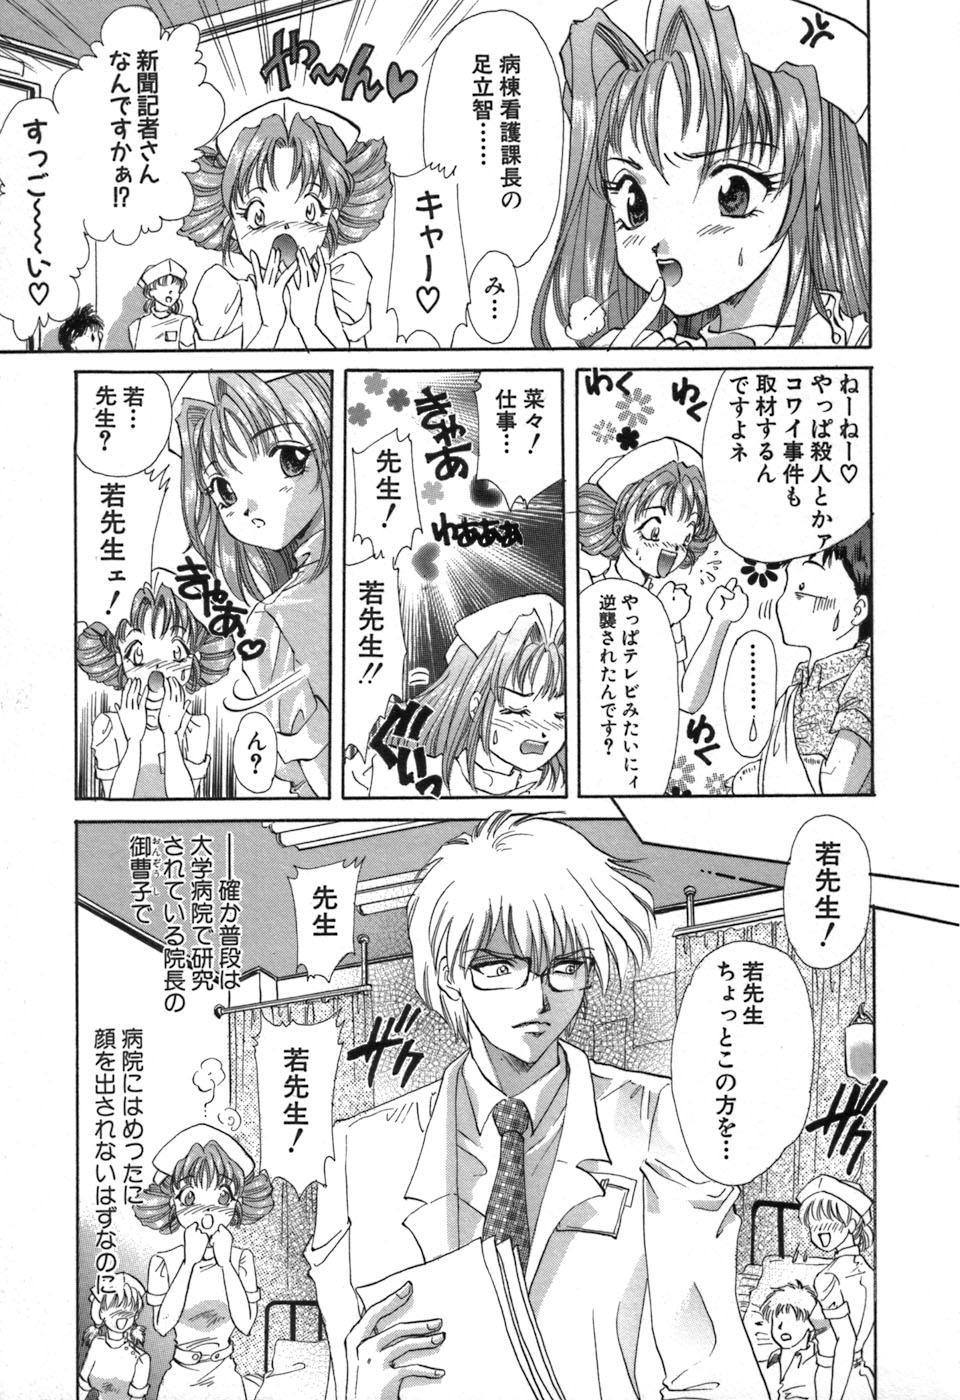 Ryoujoku Tenshi 13